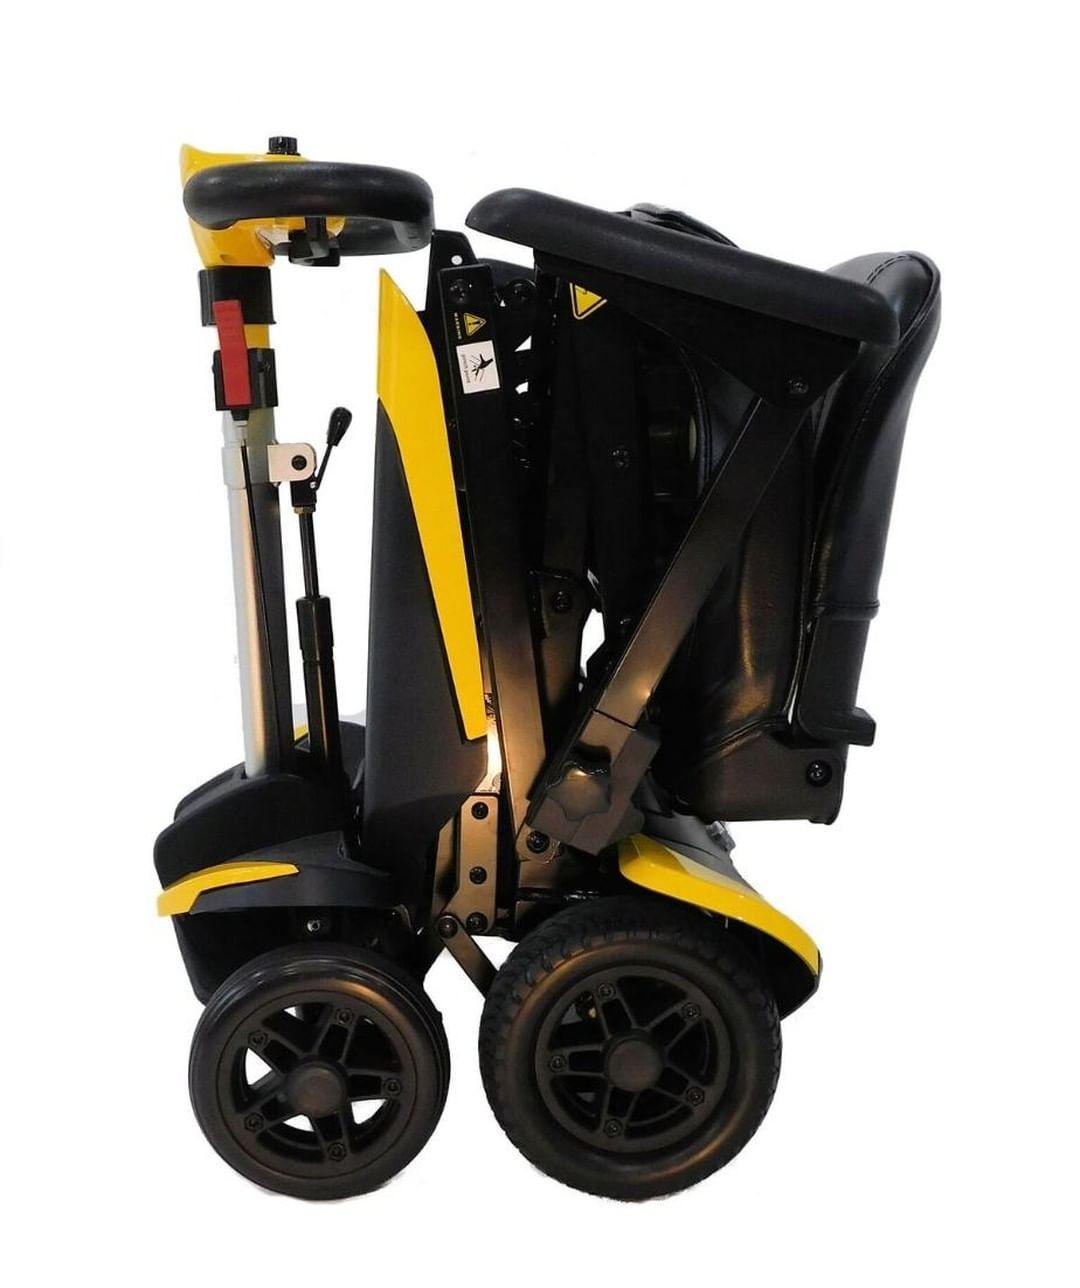 EV Rider citycruzer mobility scooter